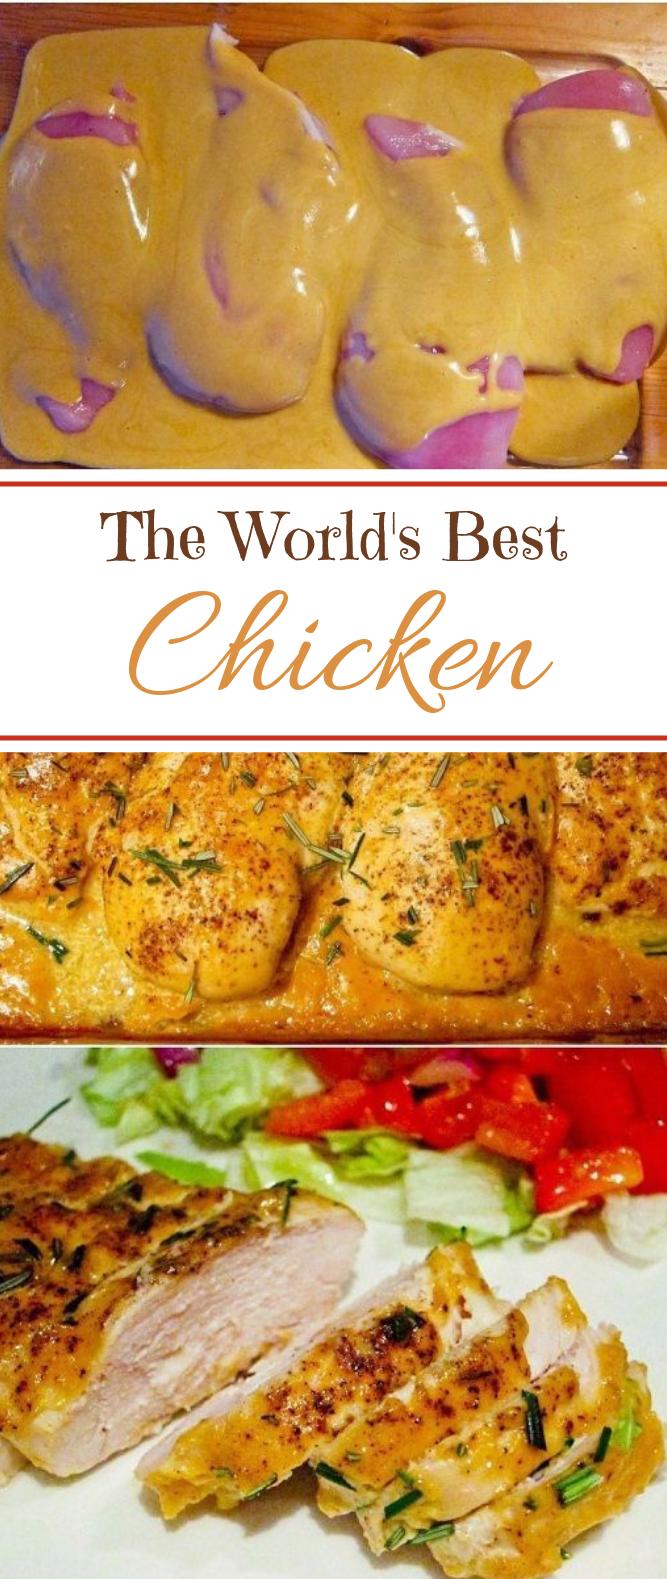 The World's Best Chicken #bestrecipe #dinner